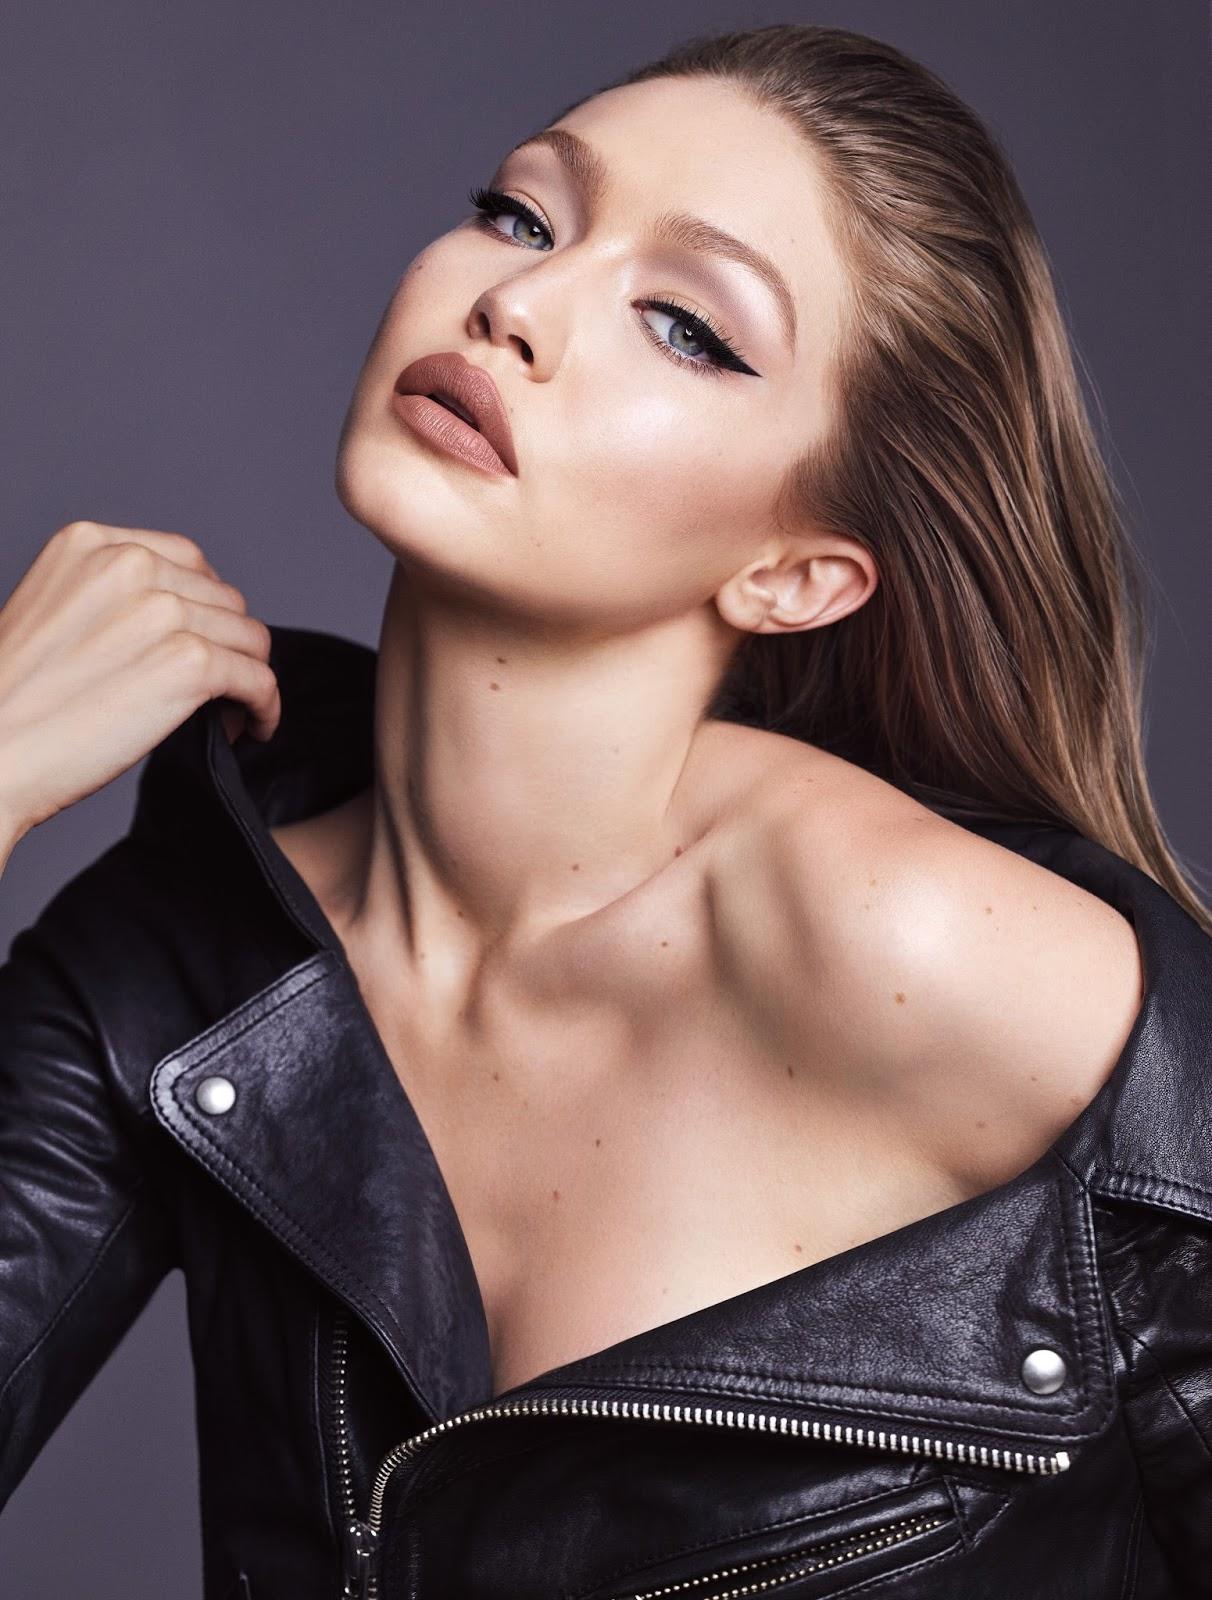 694c6eb2562 Gigi Hadid X Maybelline Collaboration Canada - Limited Edition ...